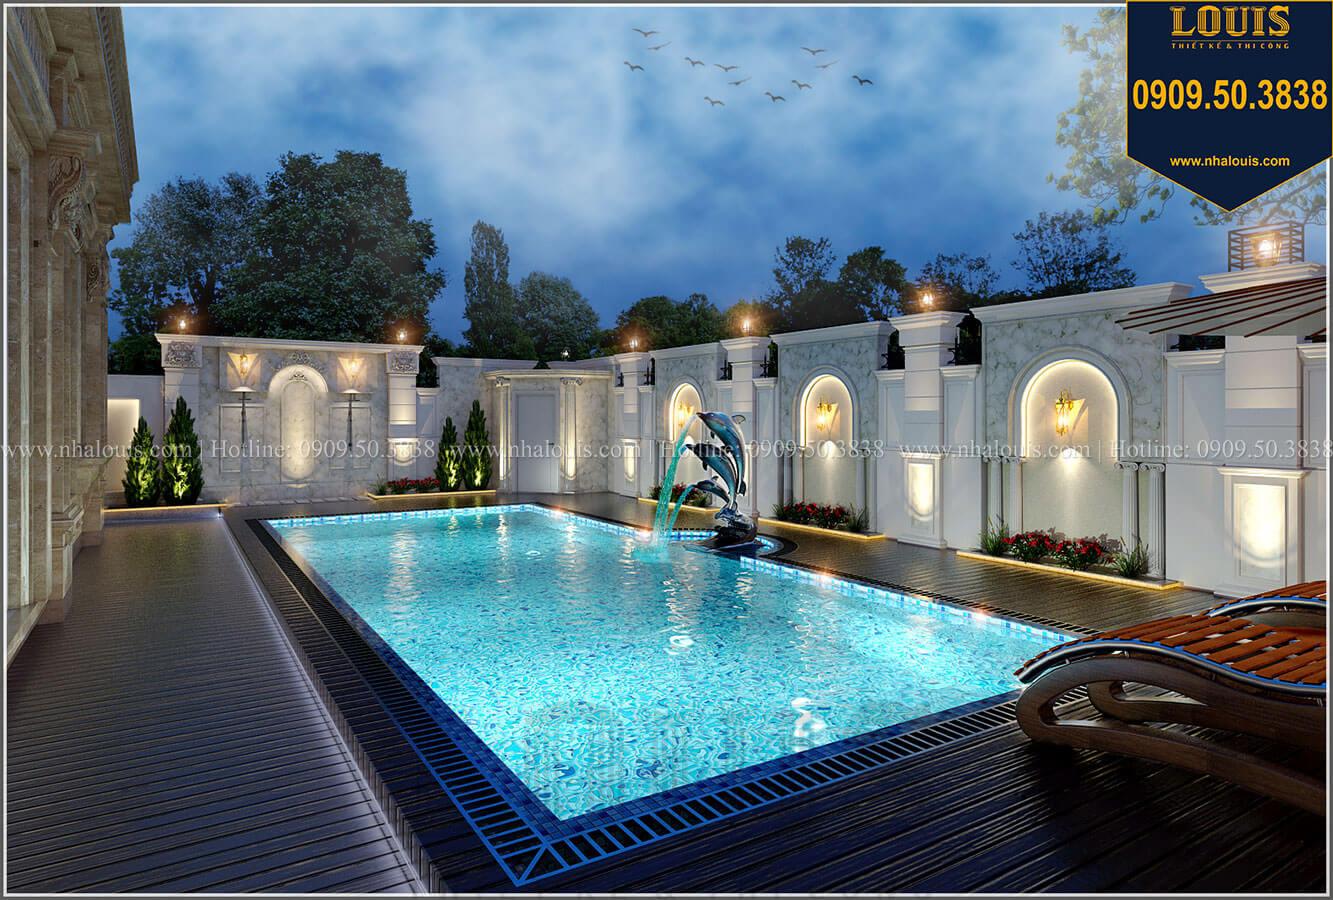 Hồ bơi Mẫu biệt thự cổ điển 4 tầng phong cách vương giả tại Thủ Đức - 13